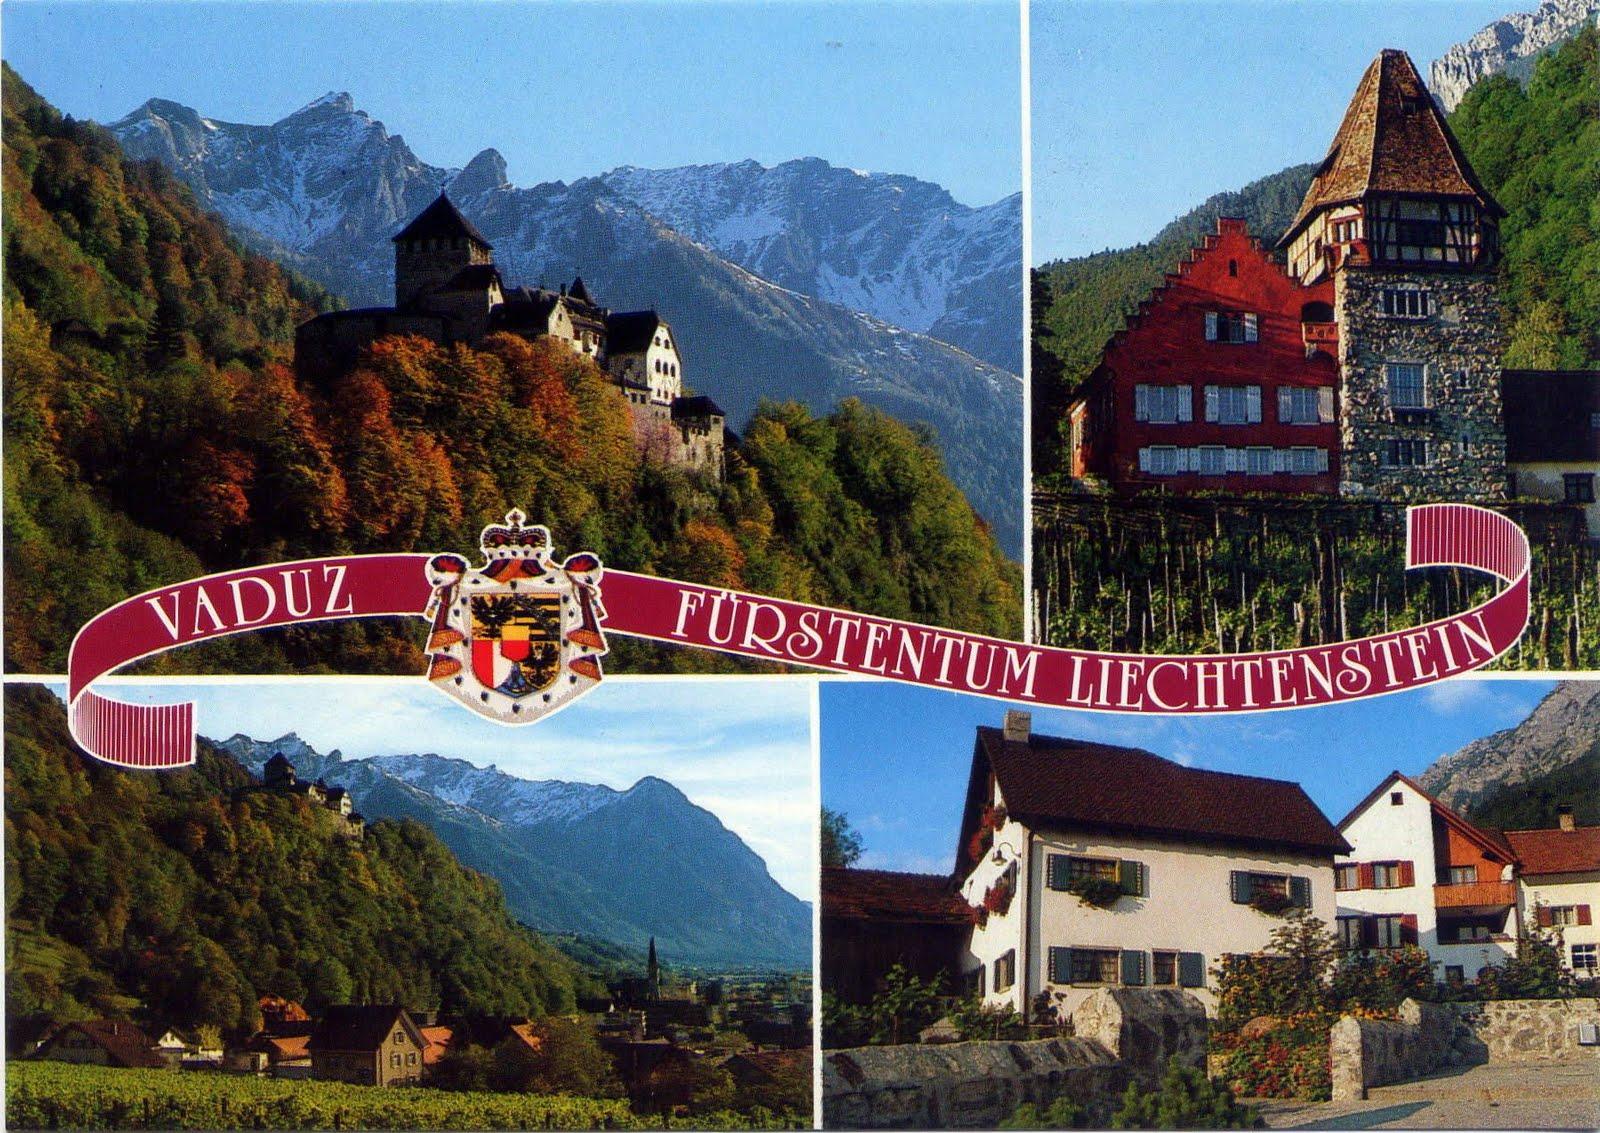 http://1.bp.blogspot.com/-JxjsVFxfOT4/TcW8-vK_wdI/AAAAAAAAB7E/BXEFXC7ENVI/s1600/Liechtenstein_4.jpg